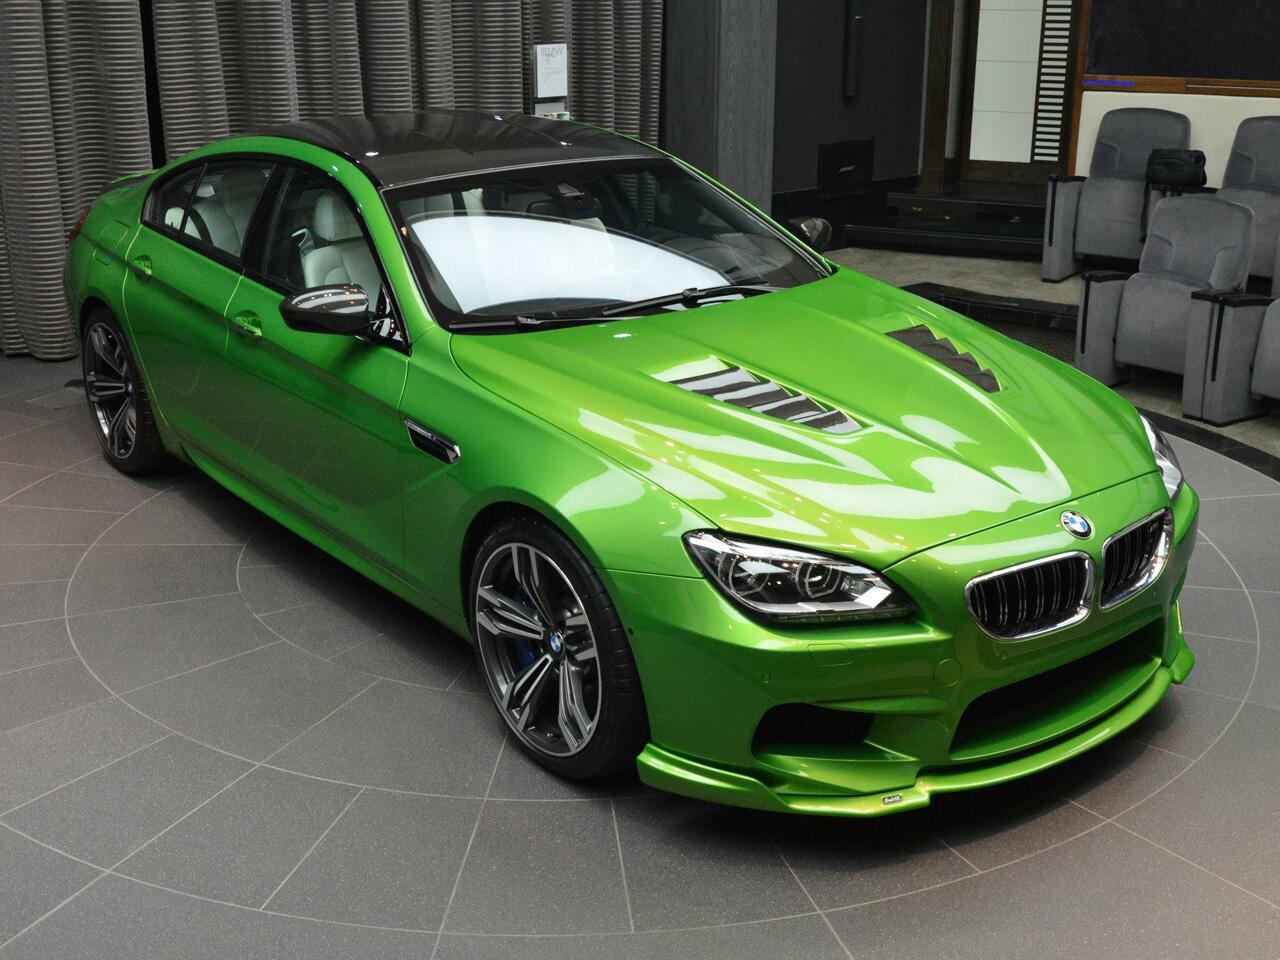 """Bild zu """"Green Lantern"""" in Abu Dhabi: Grünes BMW M6 Gran Coupé ausgestellt"""